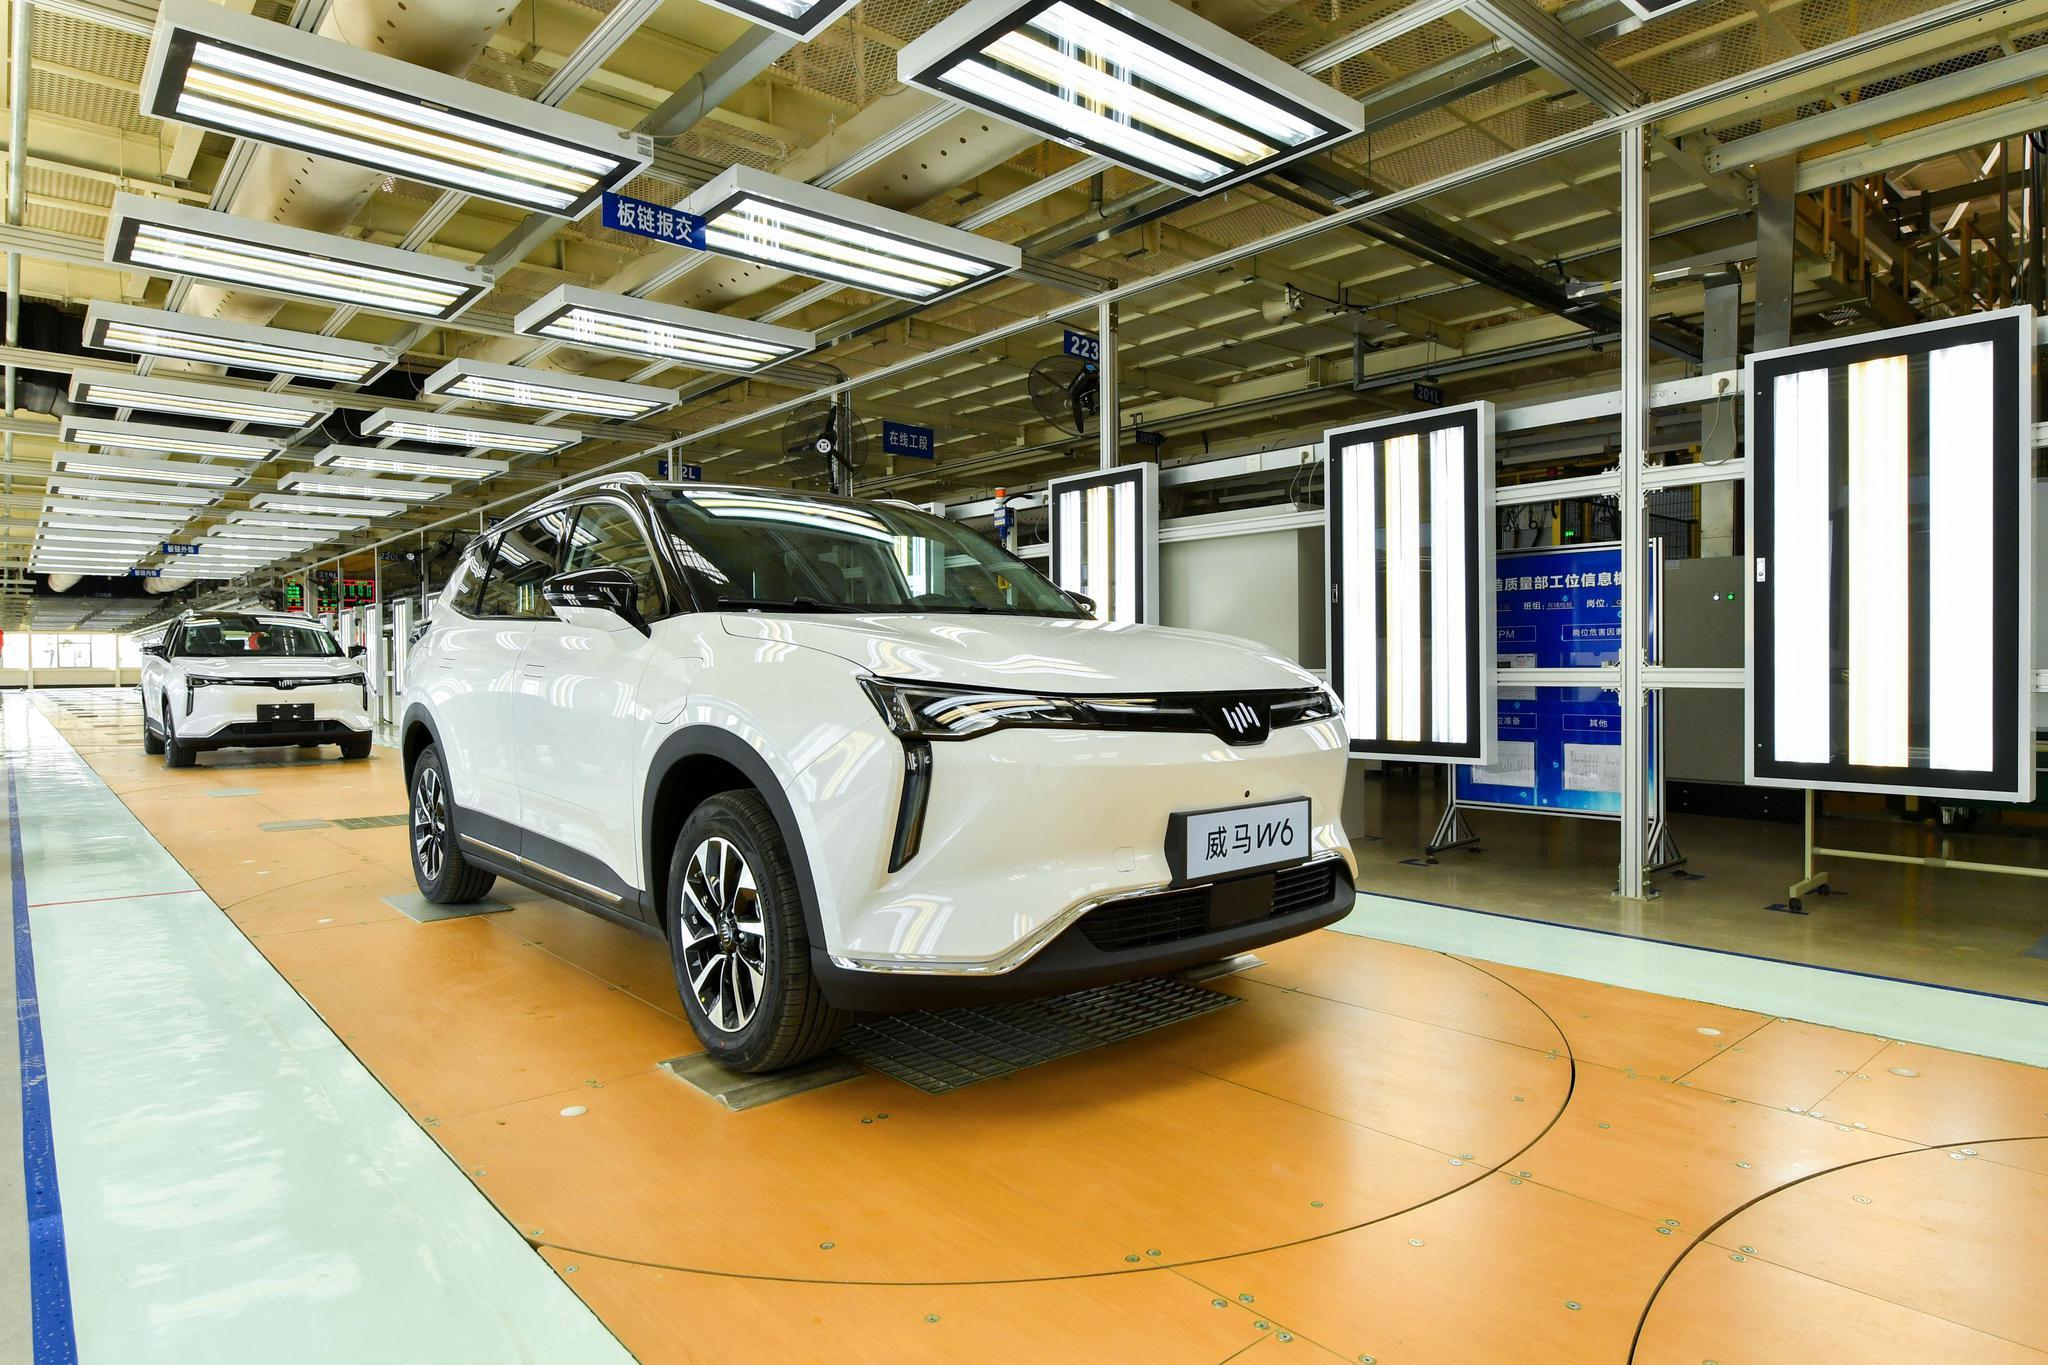 威马推出具备无人驾驶功能的量产电动车,上海车展期间交付